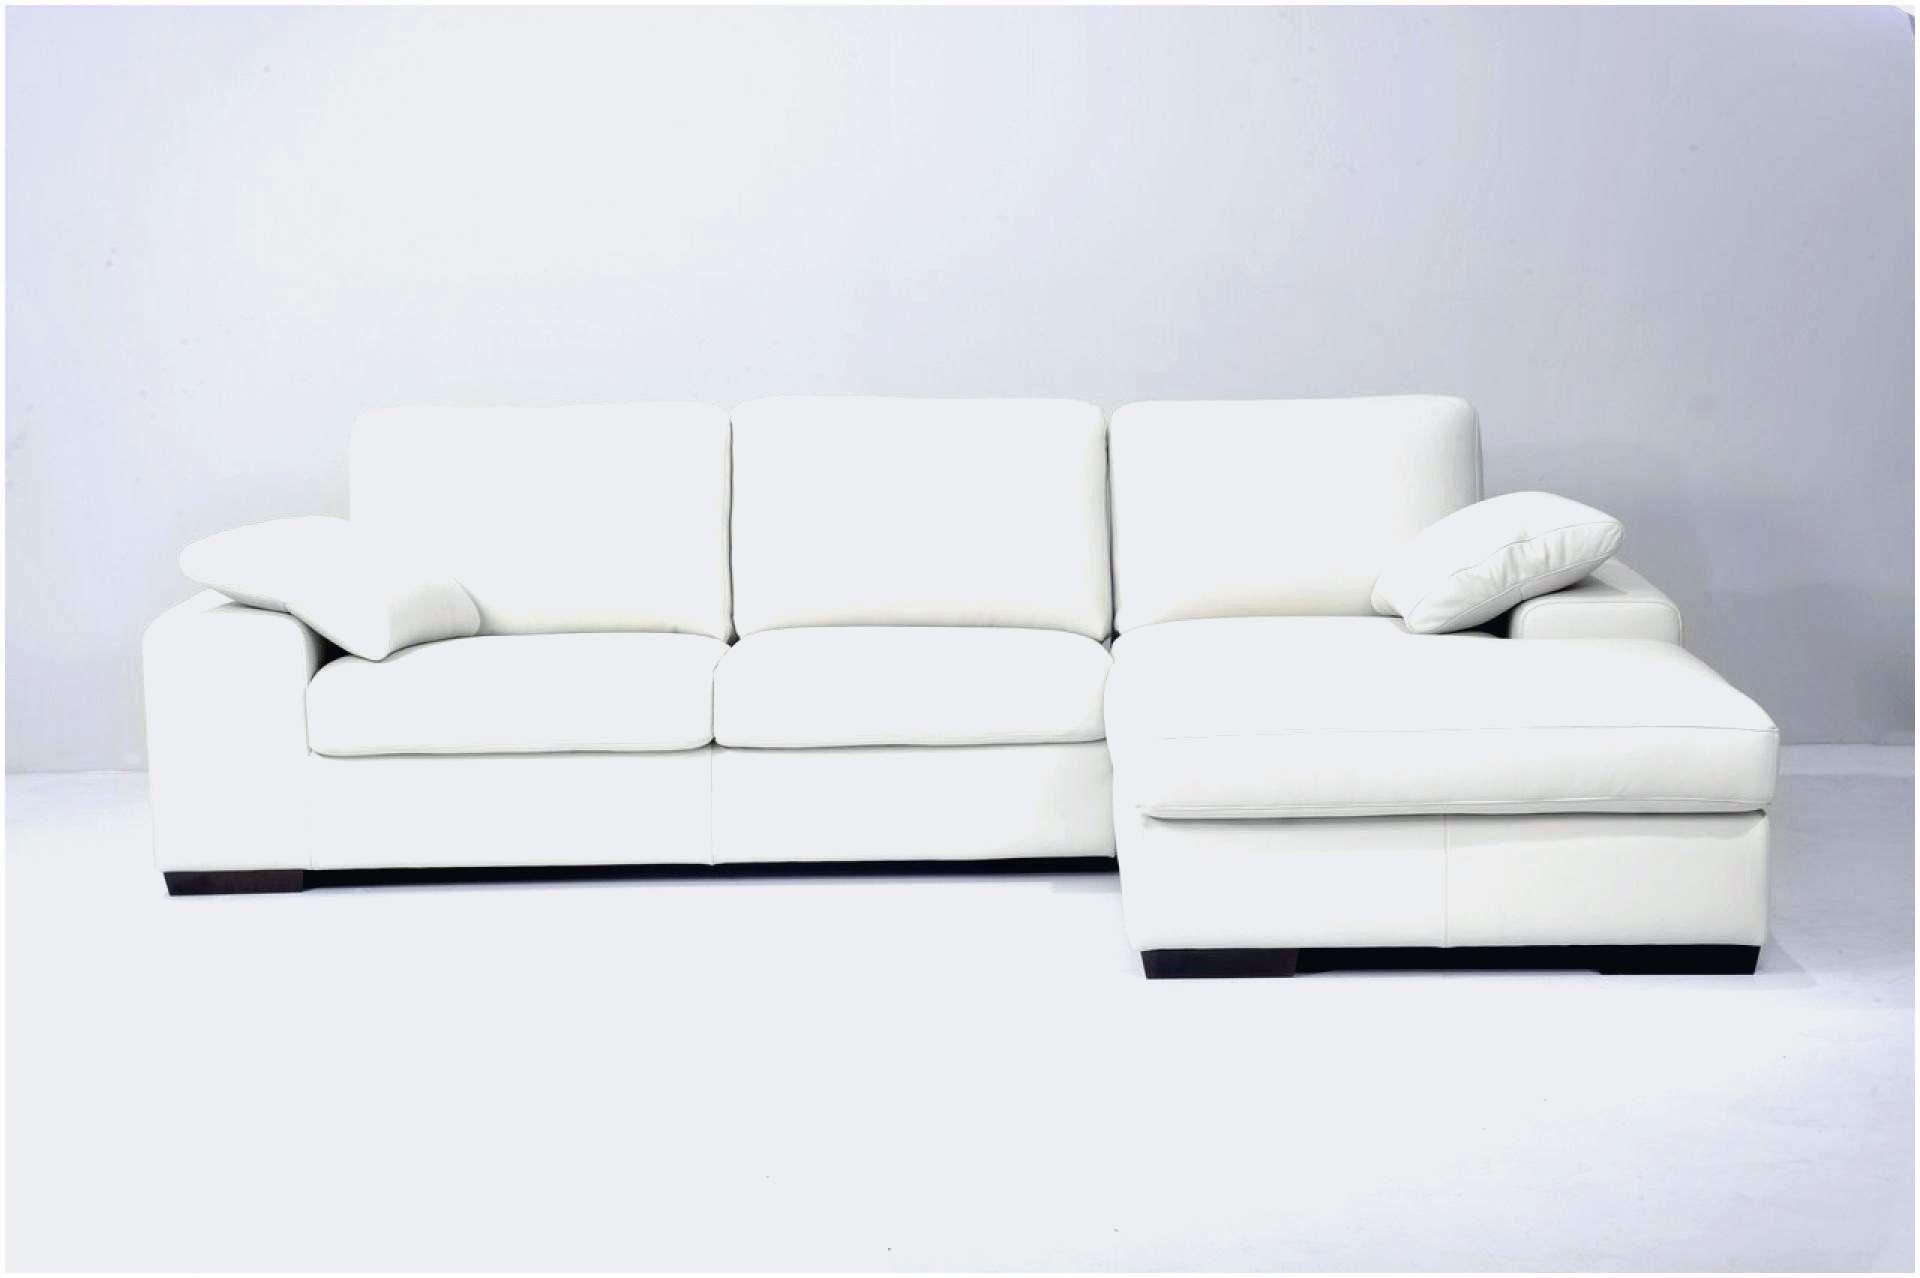 Lit Superposé Blanc De Luxe Beau 49 De Luxes Canapé Convertible 2 Places 160 Cm Pour Choix